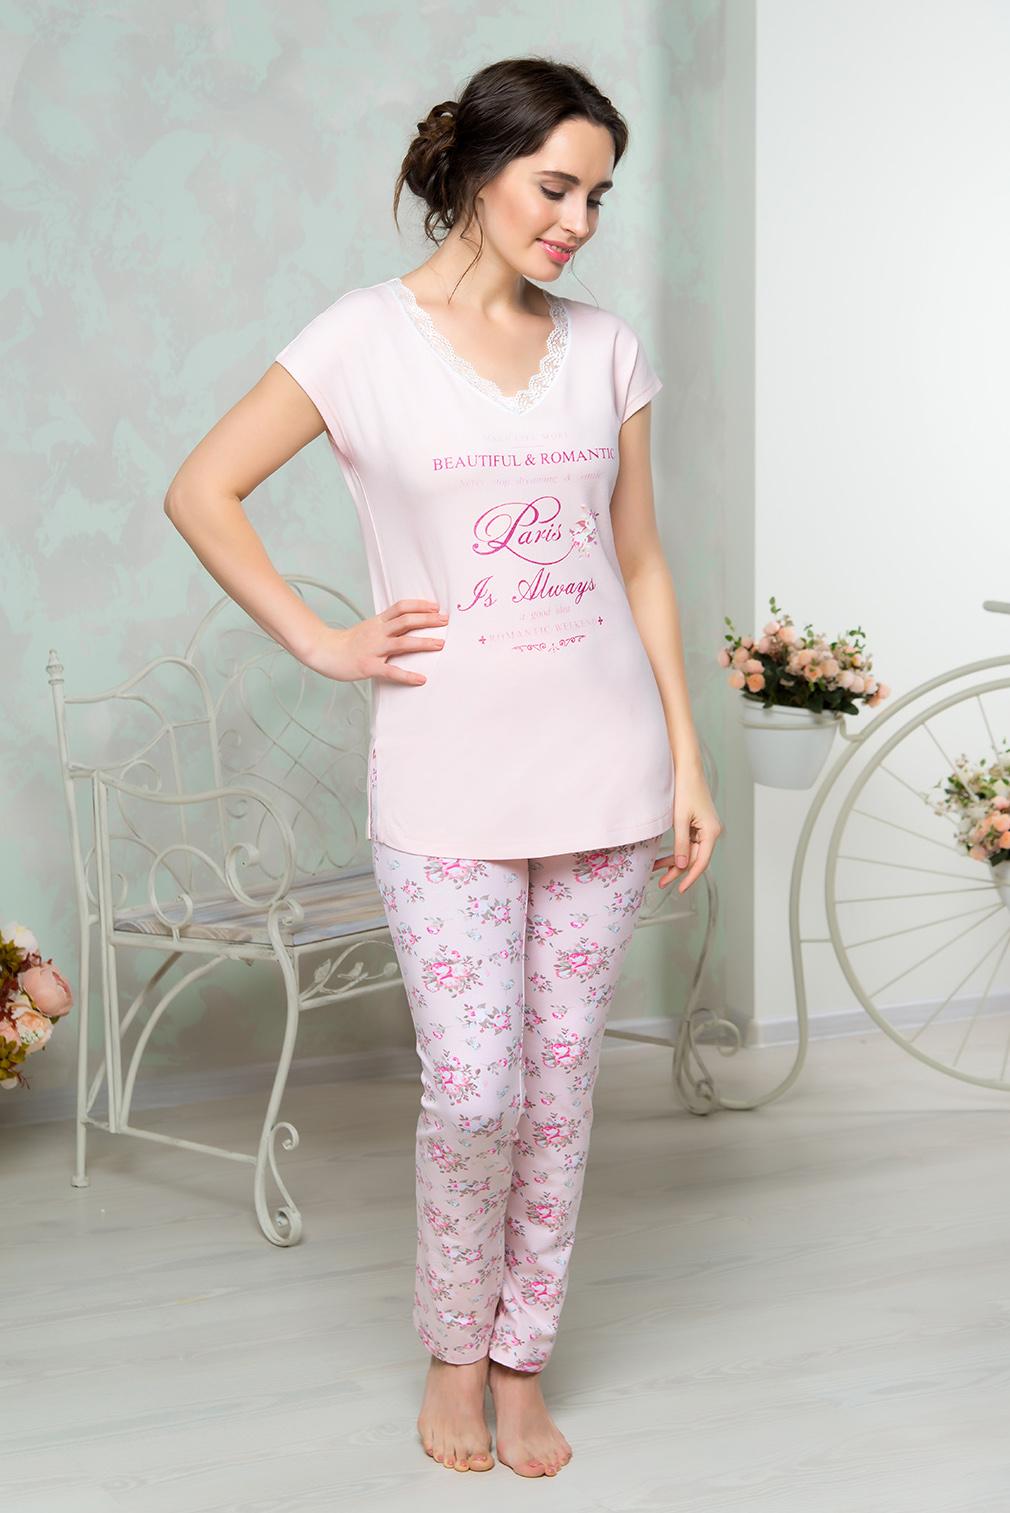 Комплект домашний женский Mia Cara: футболка, брюки, цвет: розовый. AW16-MCUZ-846. Размер 54/56 пижама женская mia cara футболка бриджи цвет сиреневый aw15 uat lst 656 размер 46 48